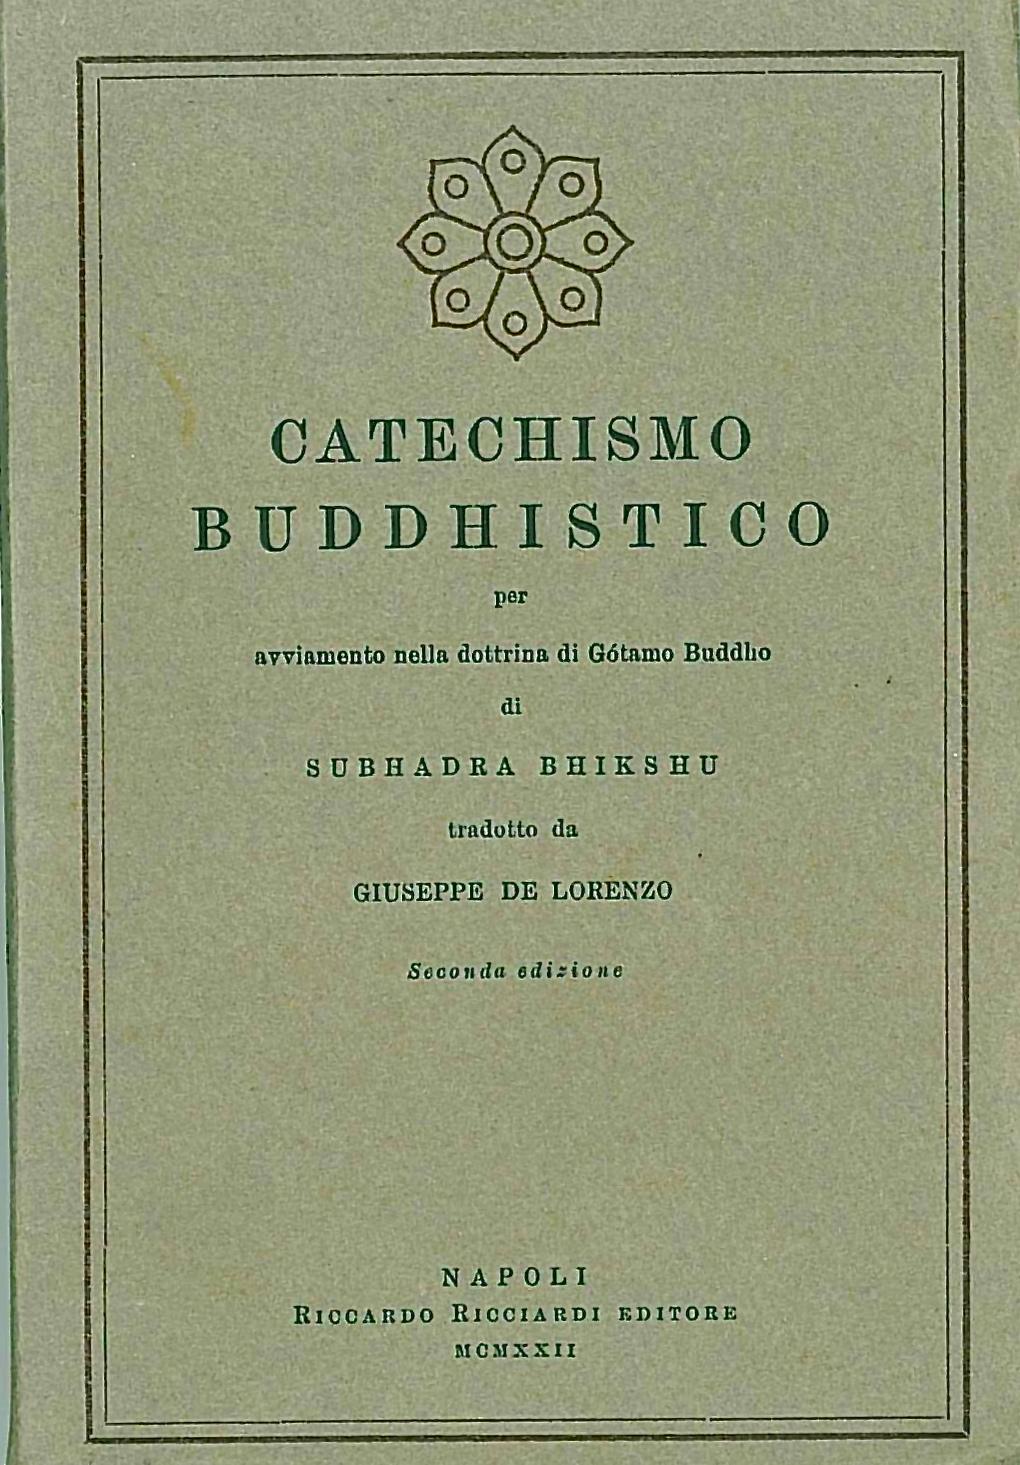 Catechismo Buddhistico